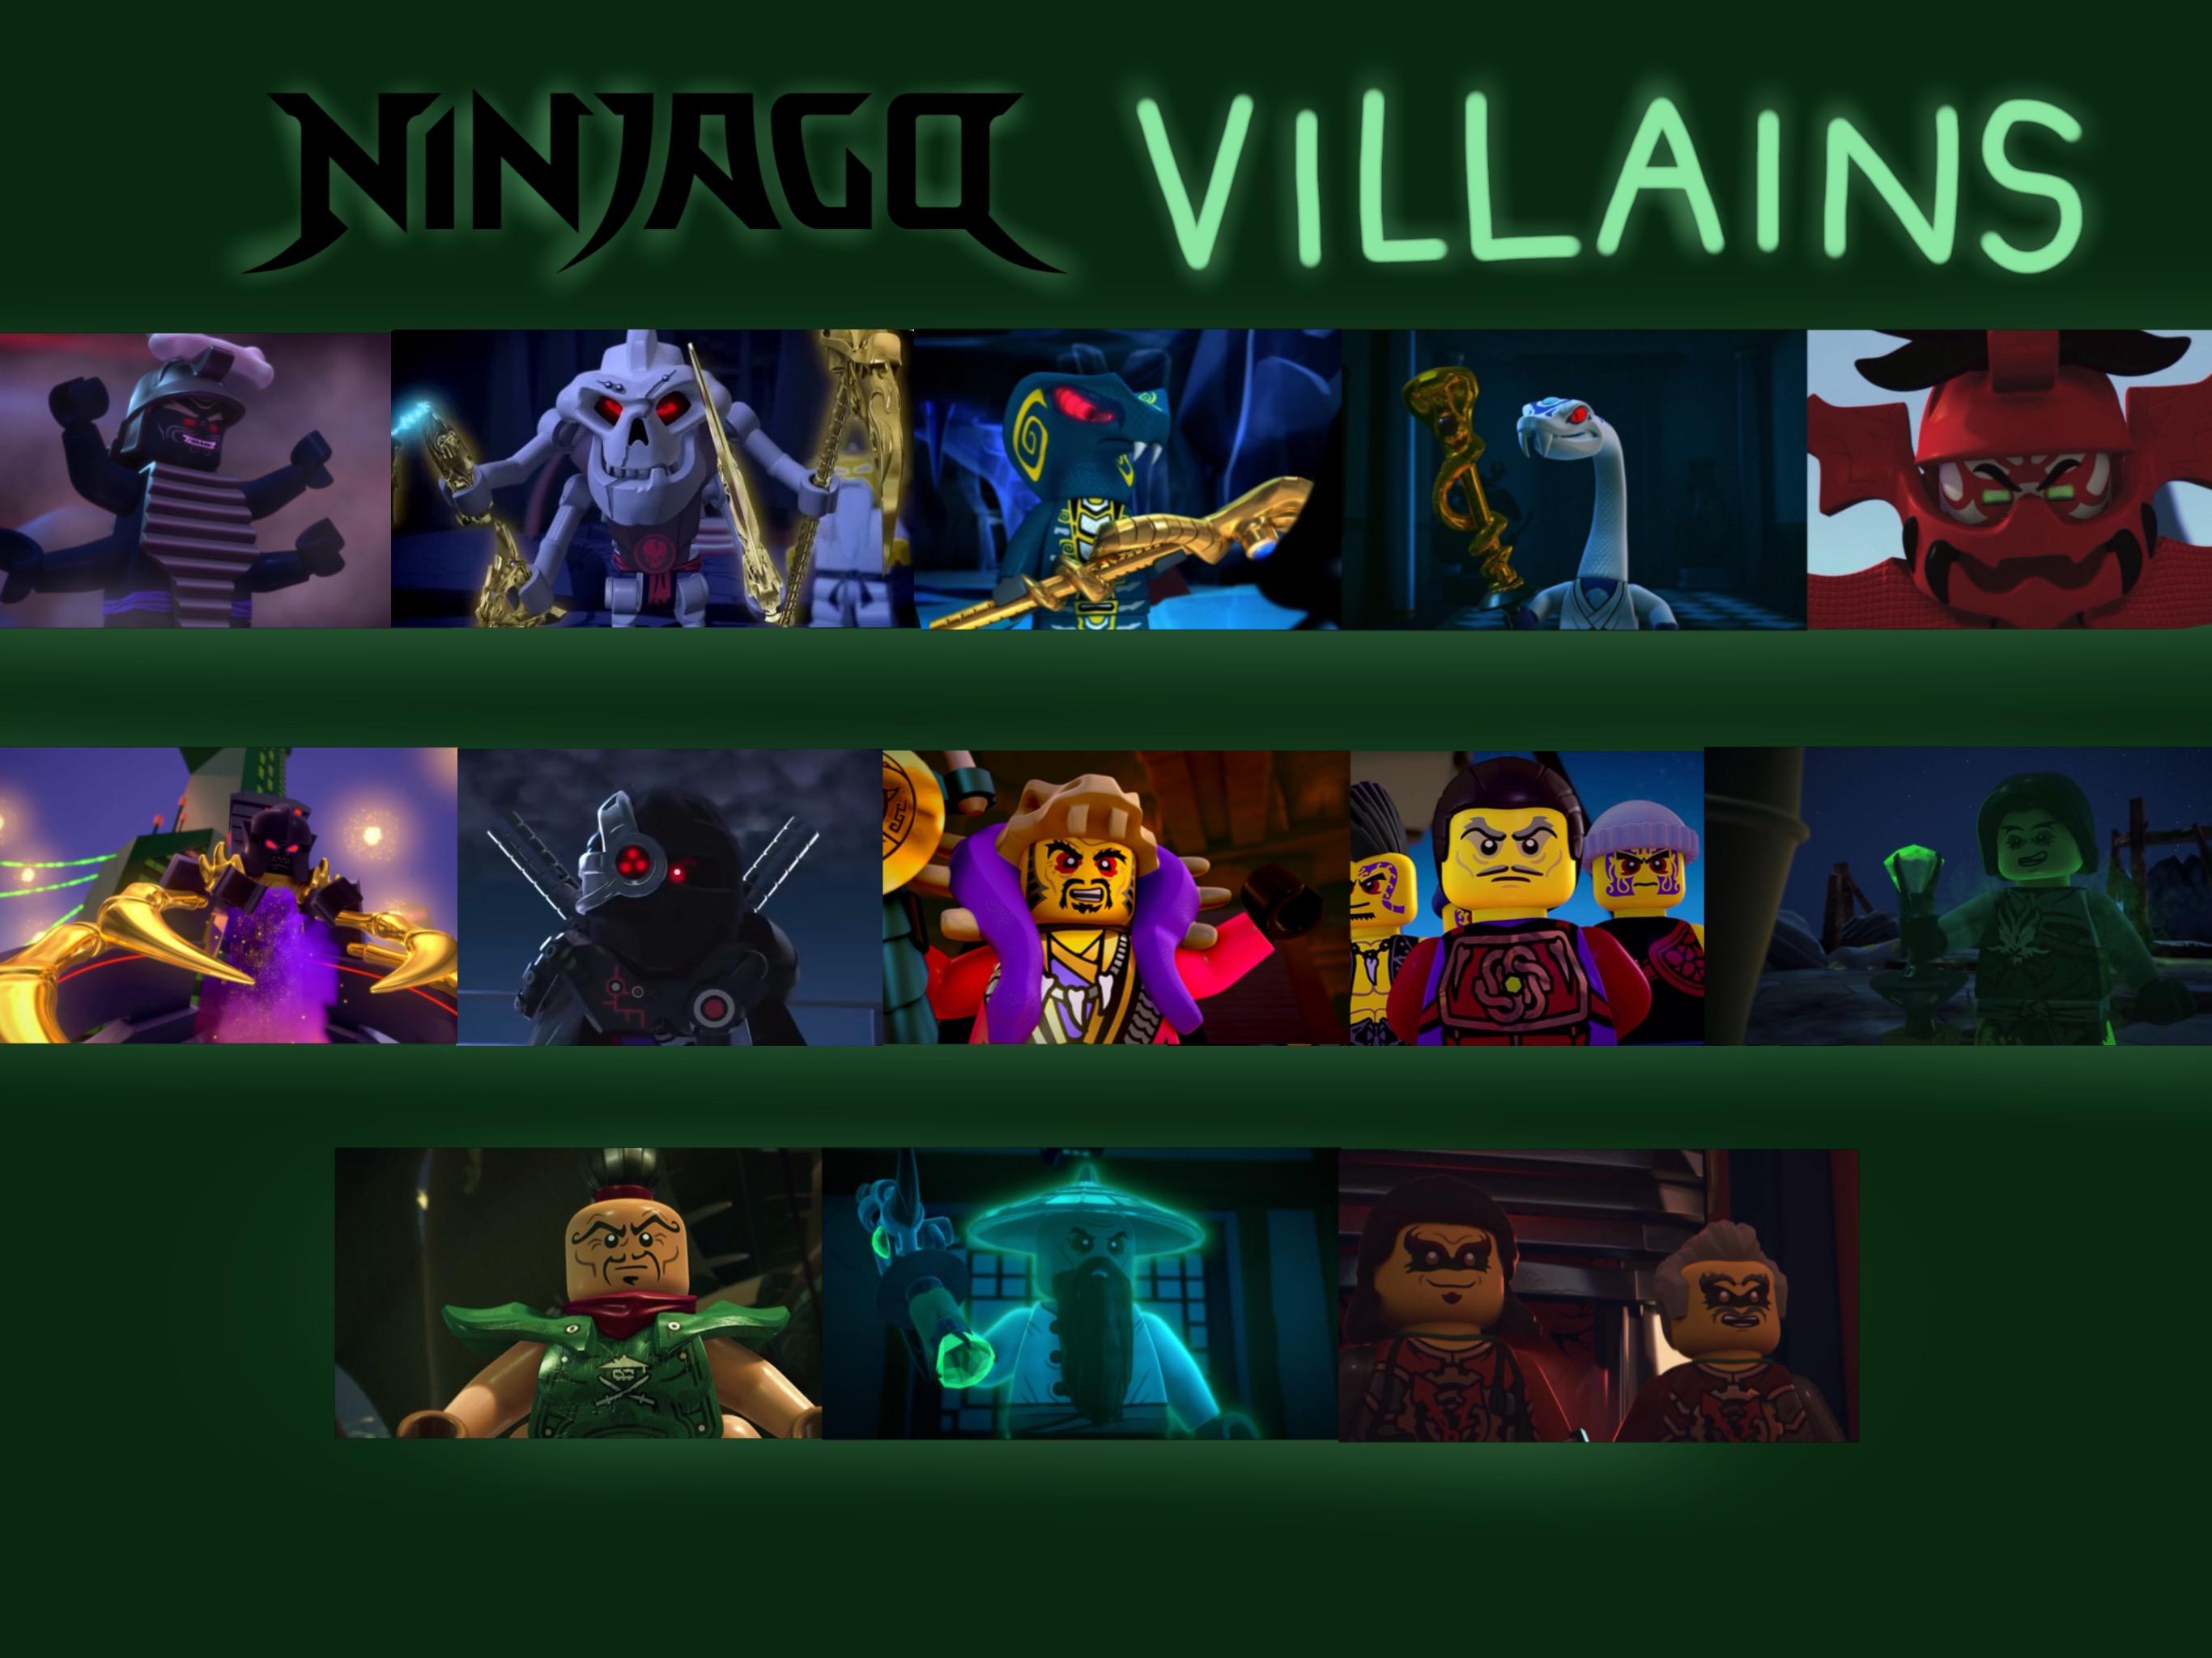 Ninjago Villains by JustSomePainter11 on DeviantArt